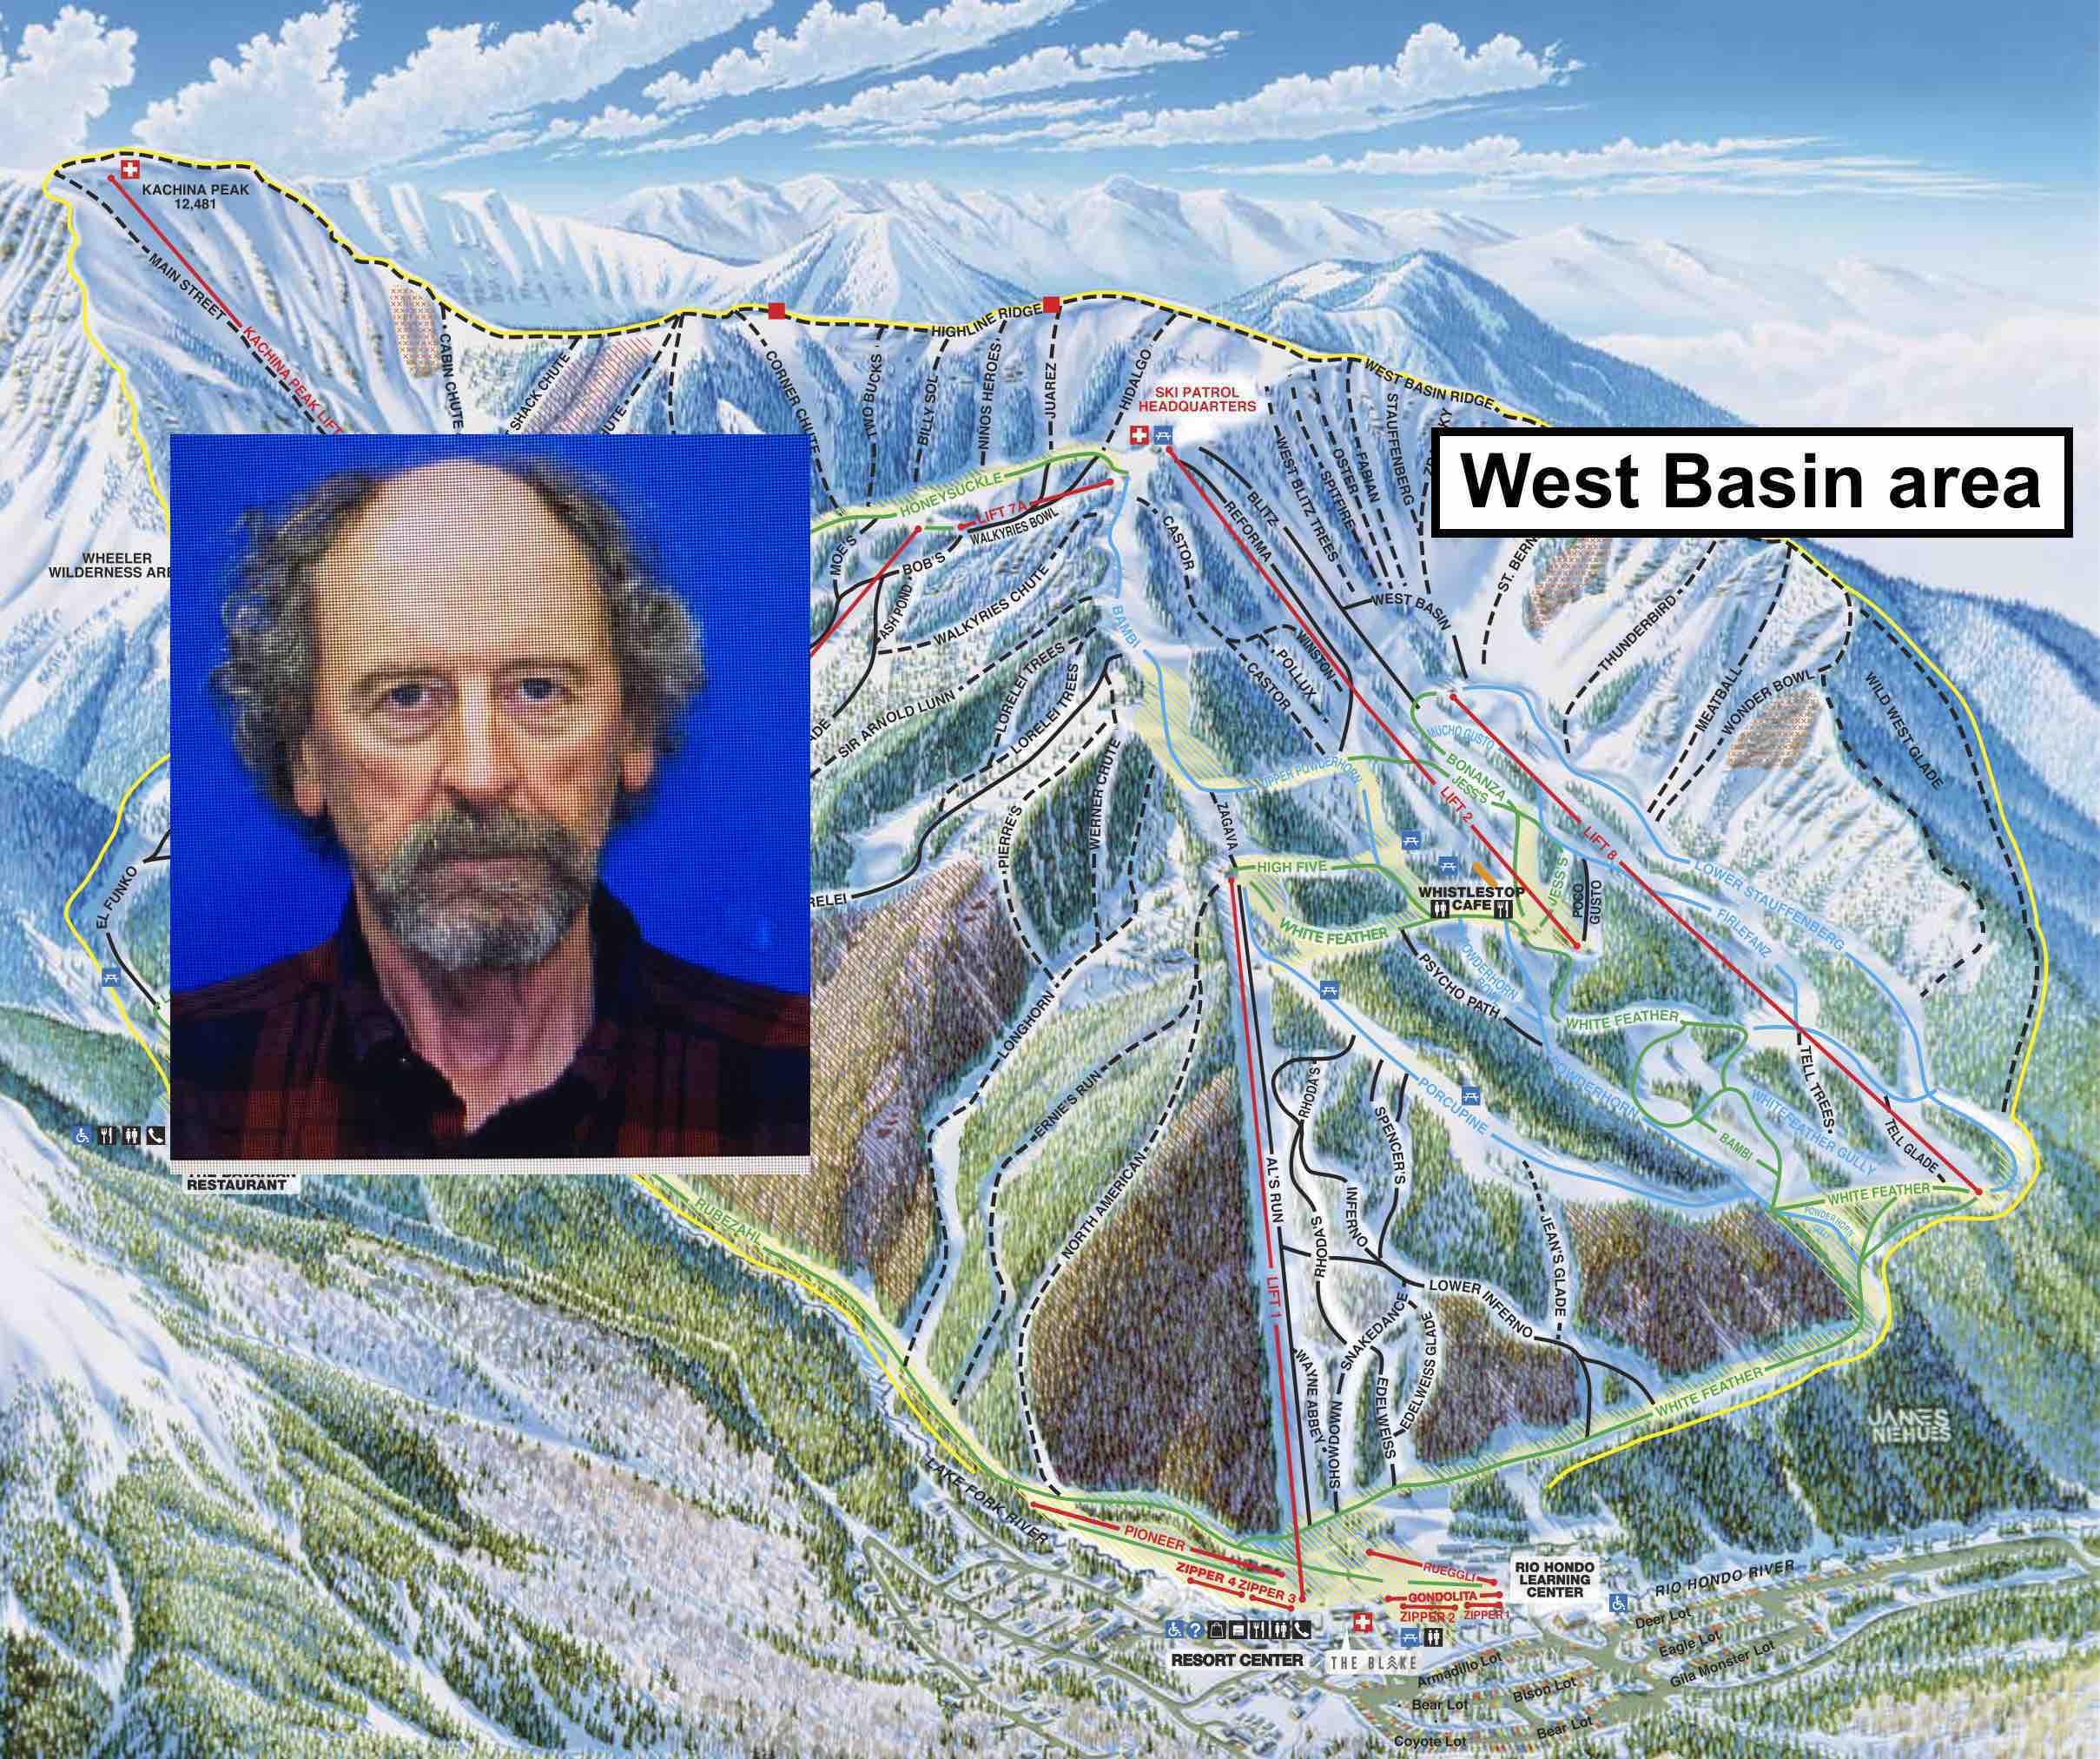 John McCoy, taos ski valley, New Mexico